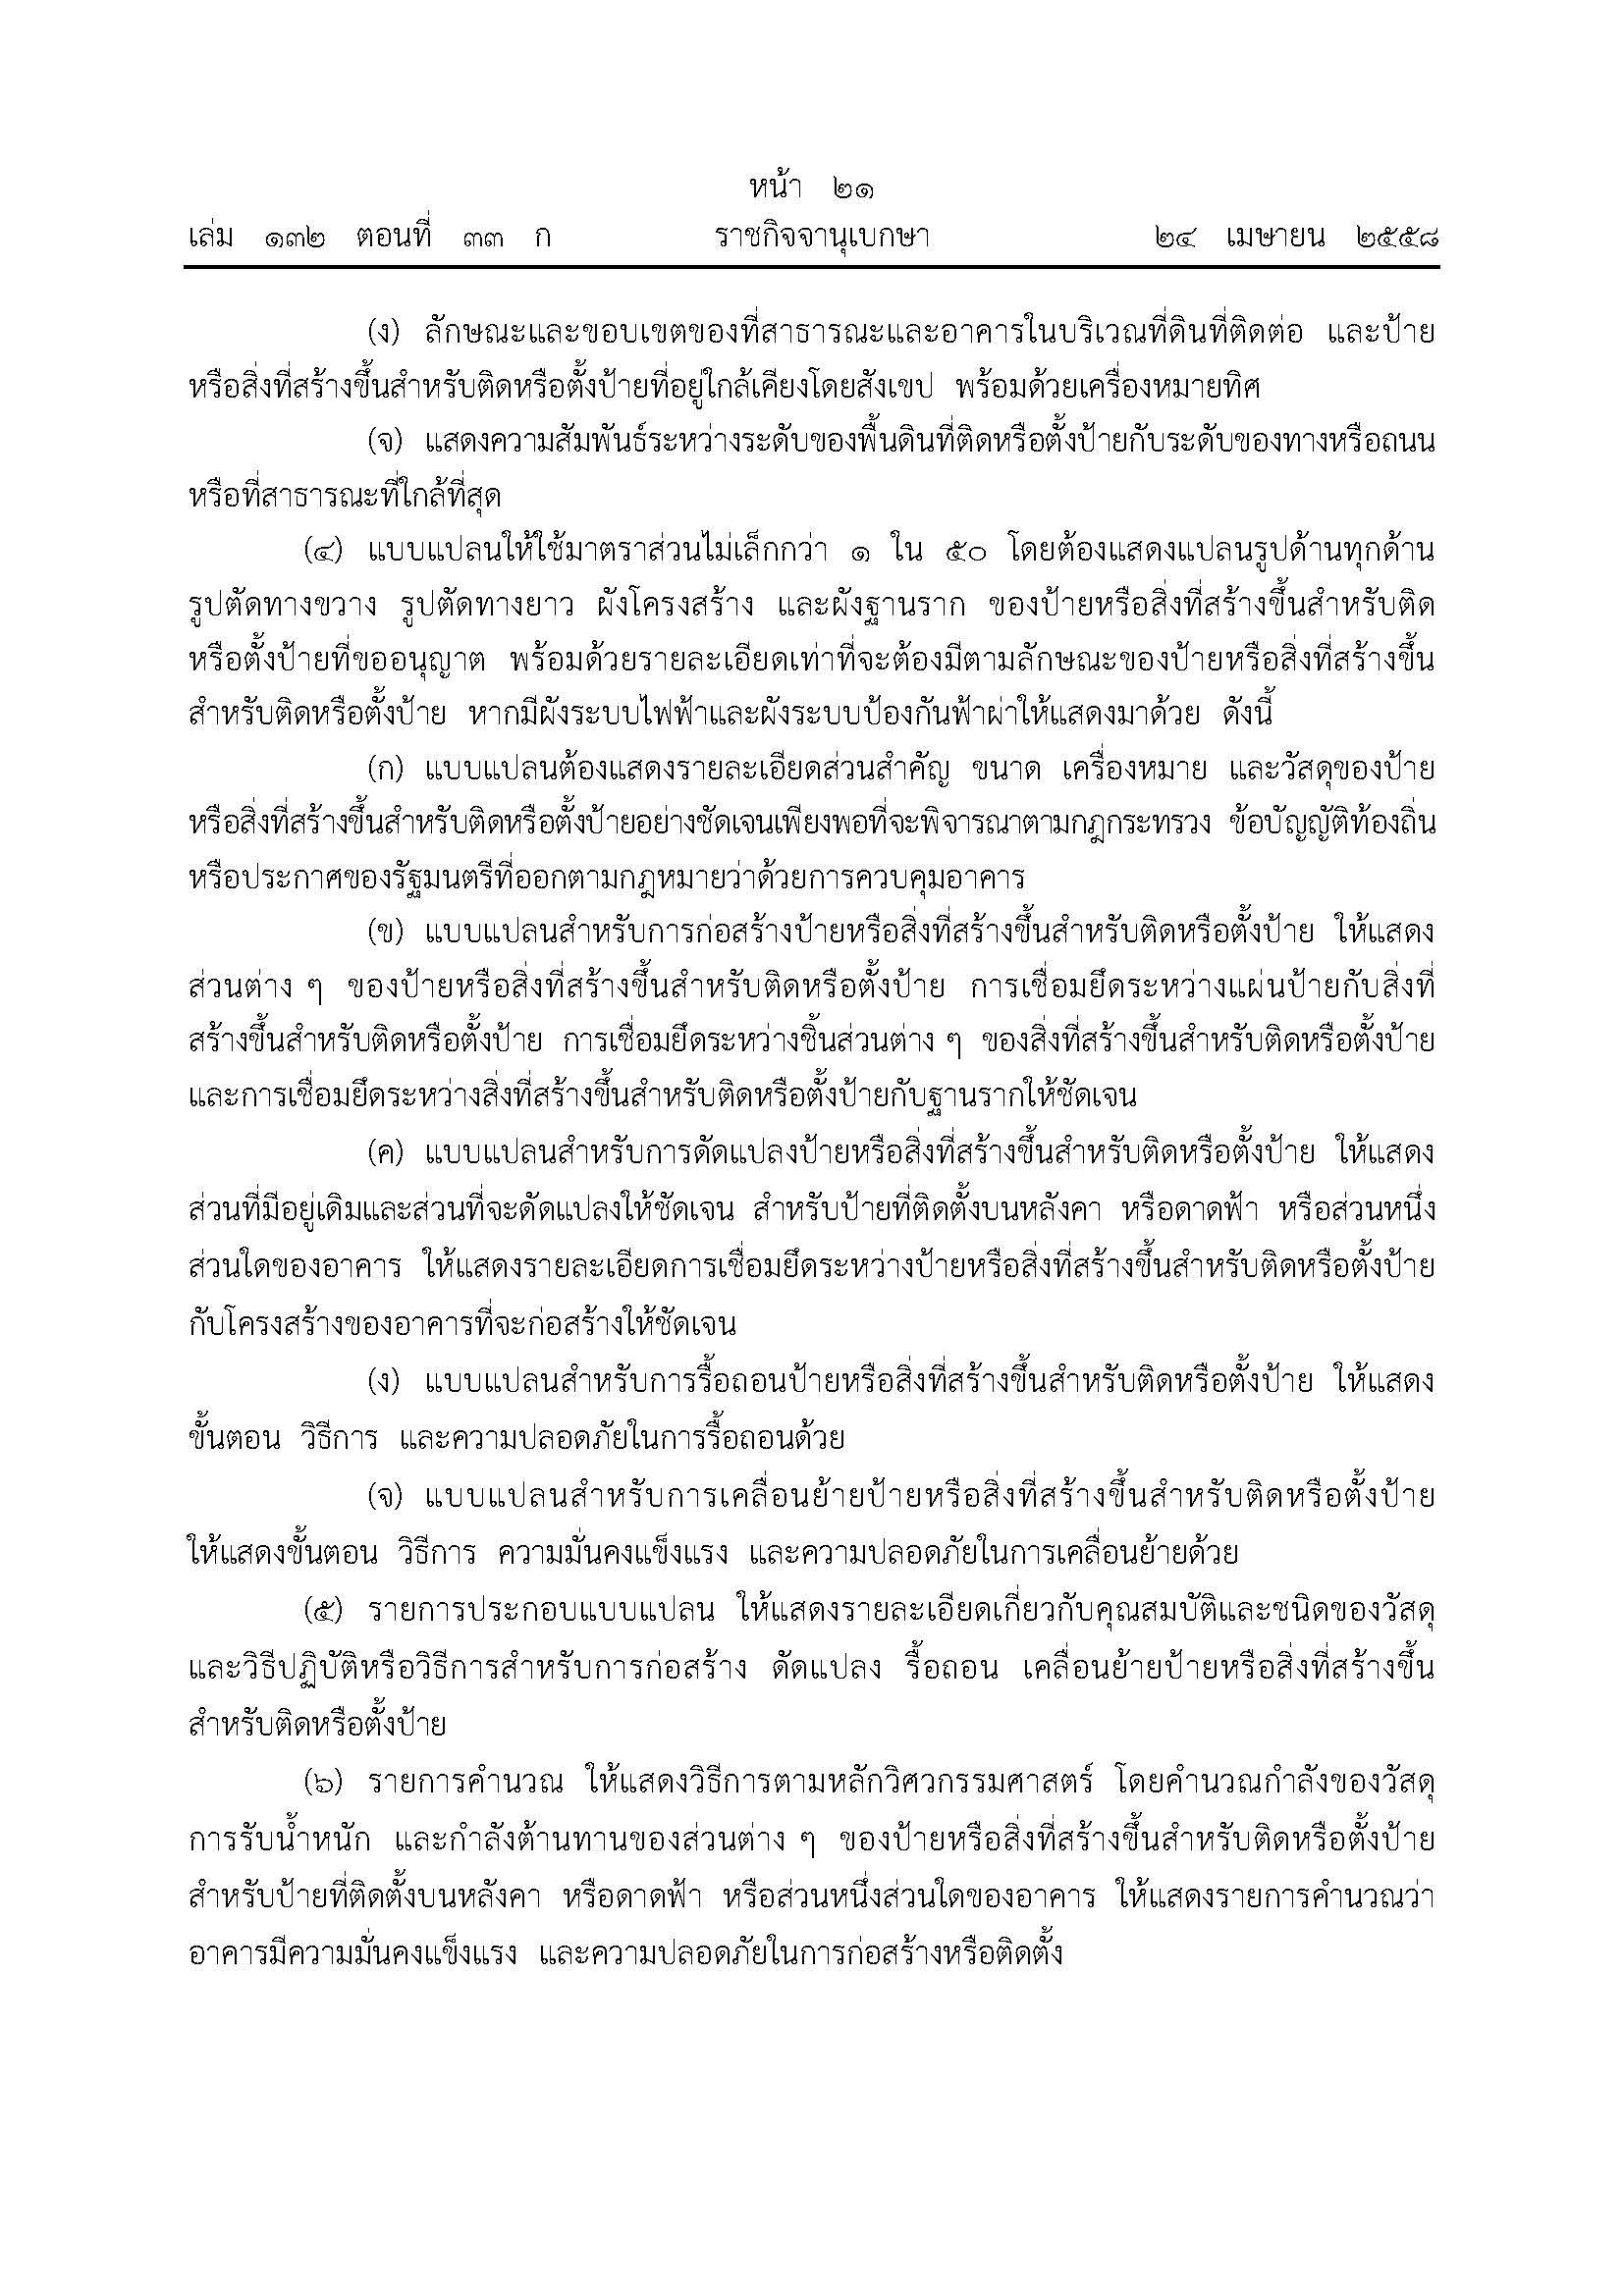 กฎกระทรวง 2558_Page_03